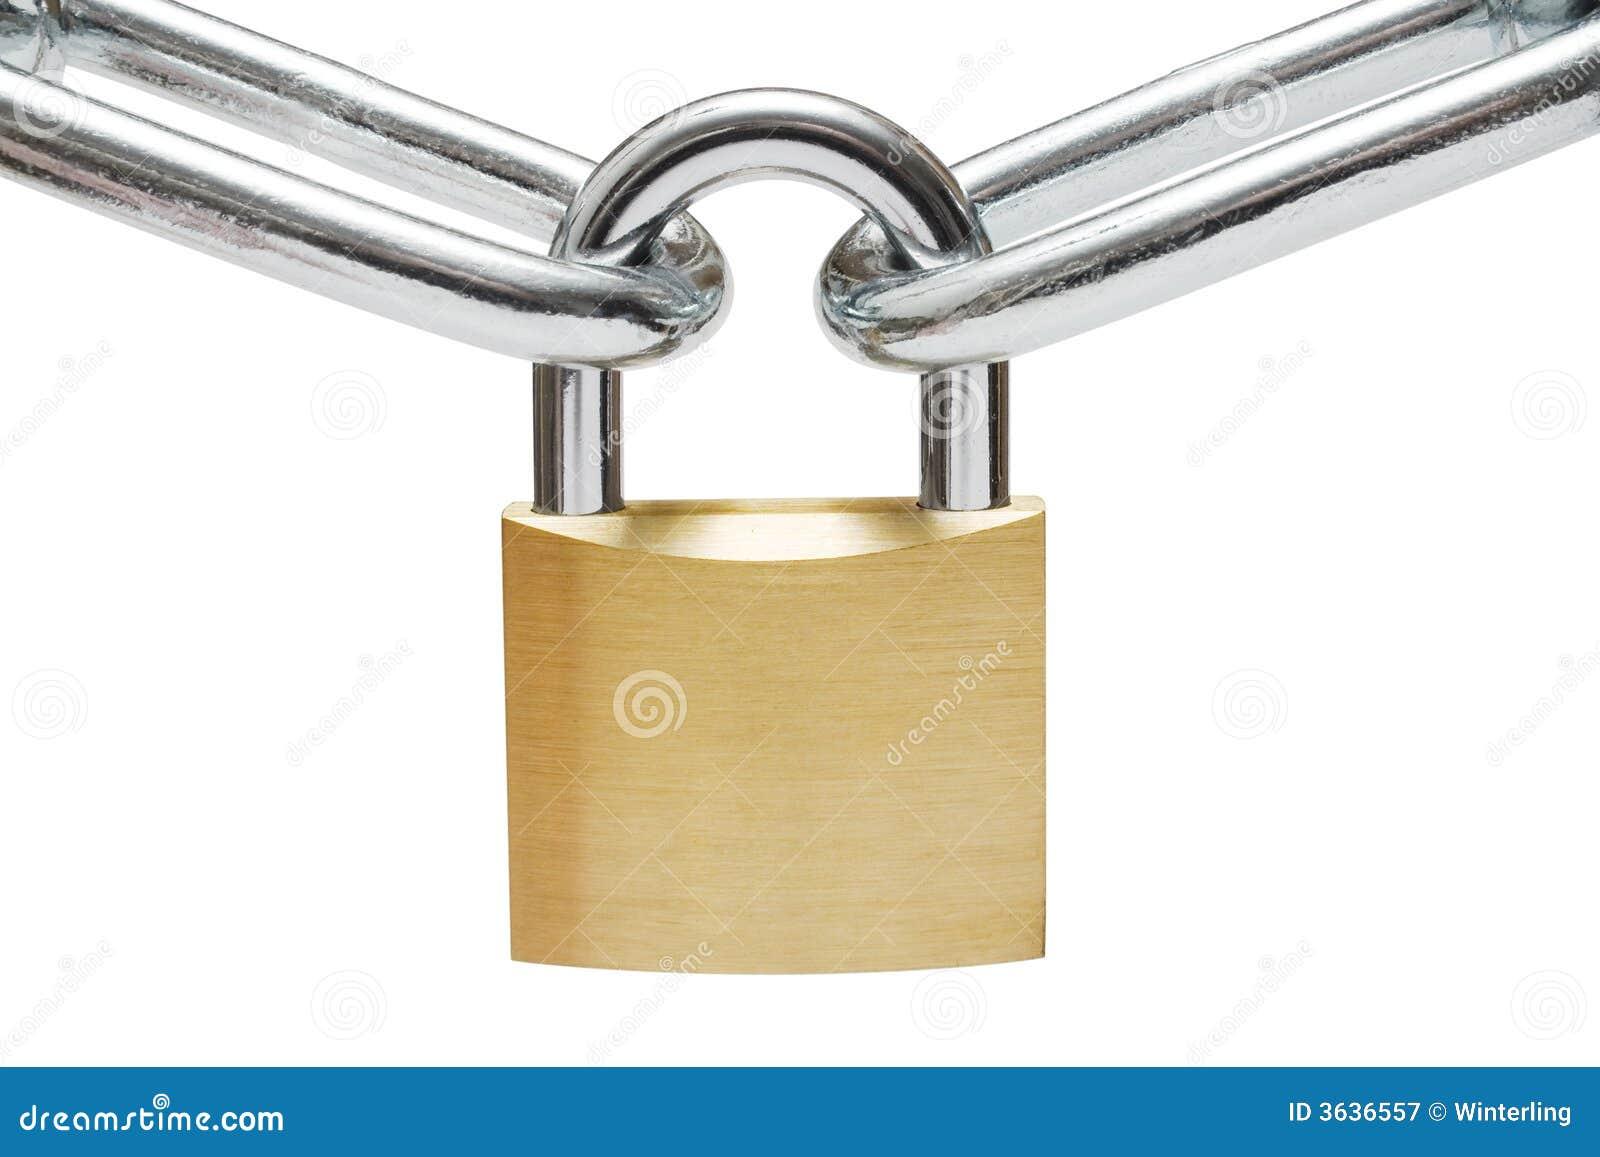 Padlock för chain sammanlänkningar